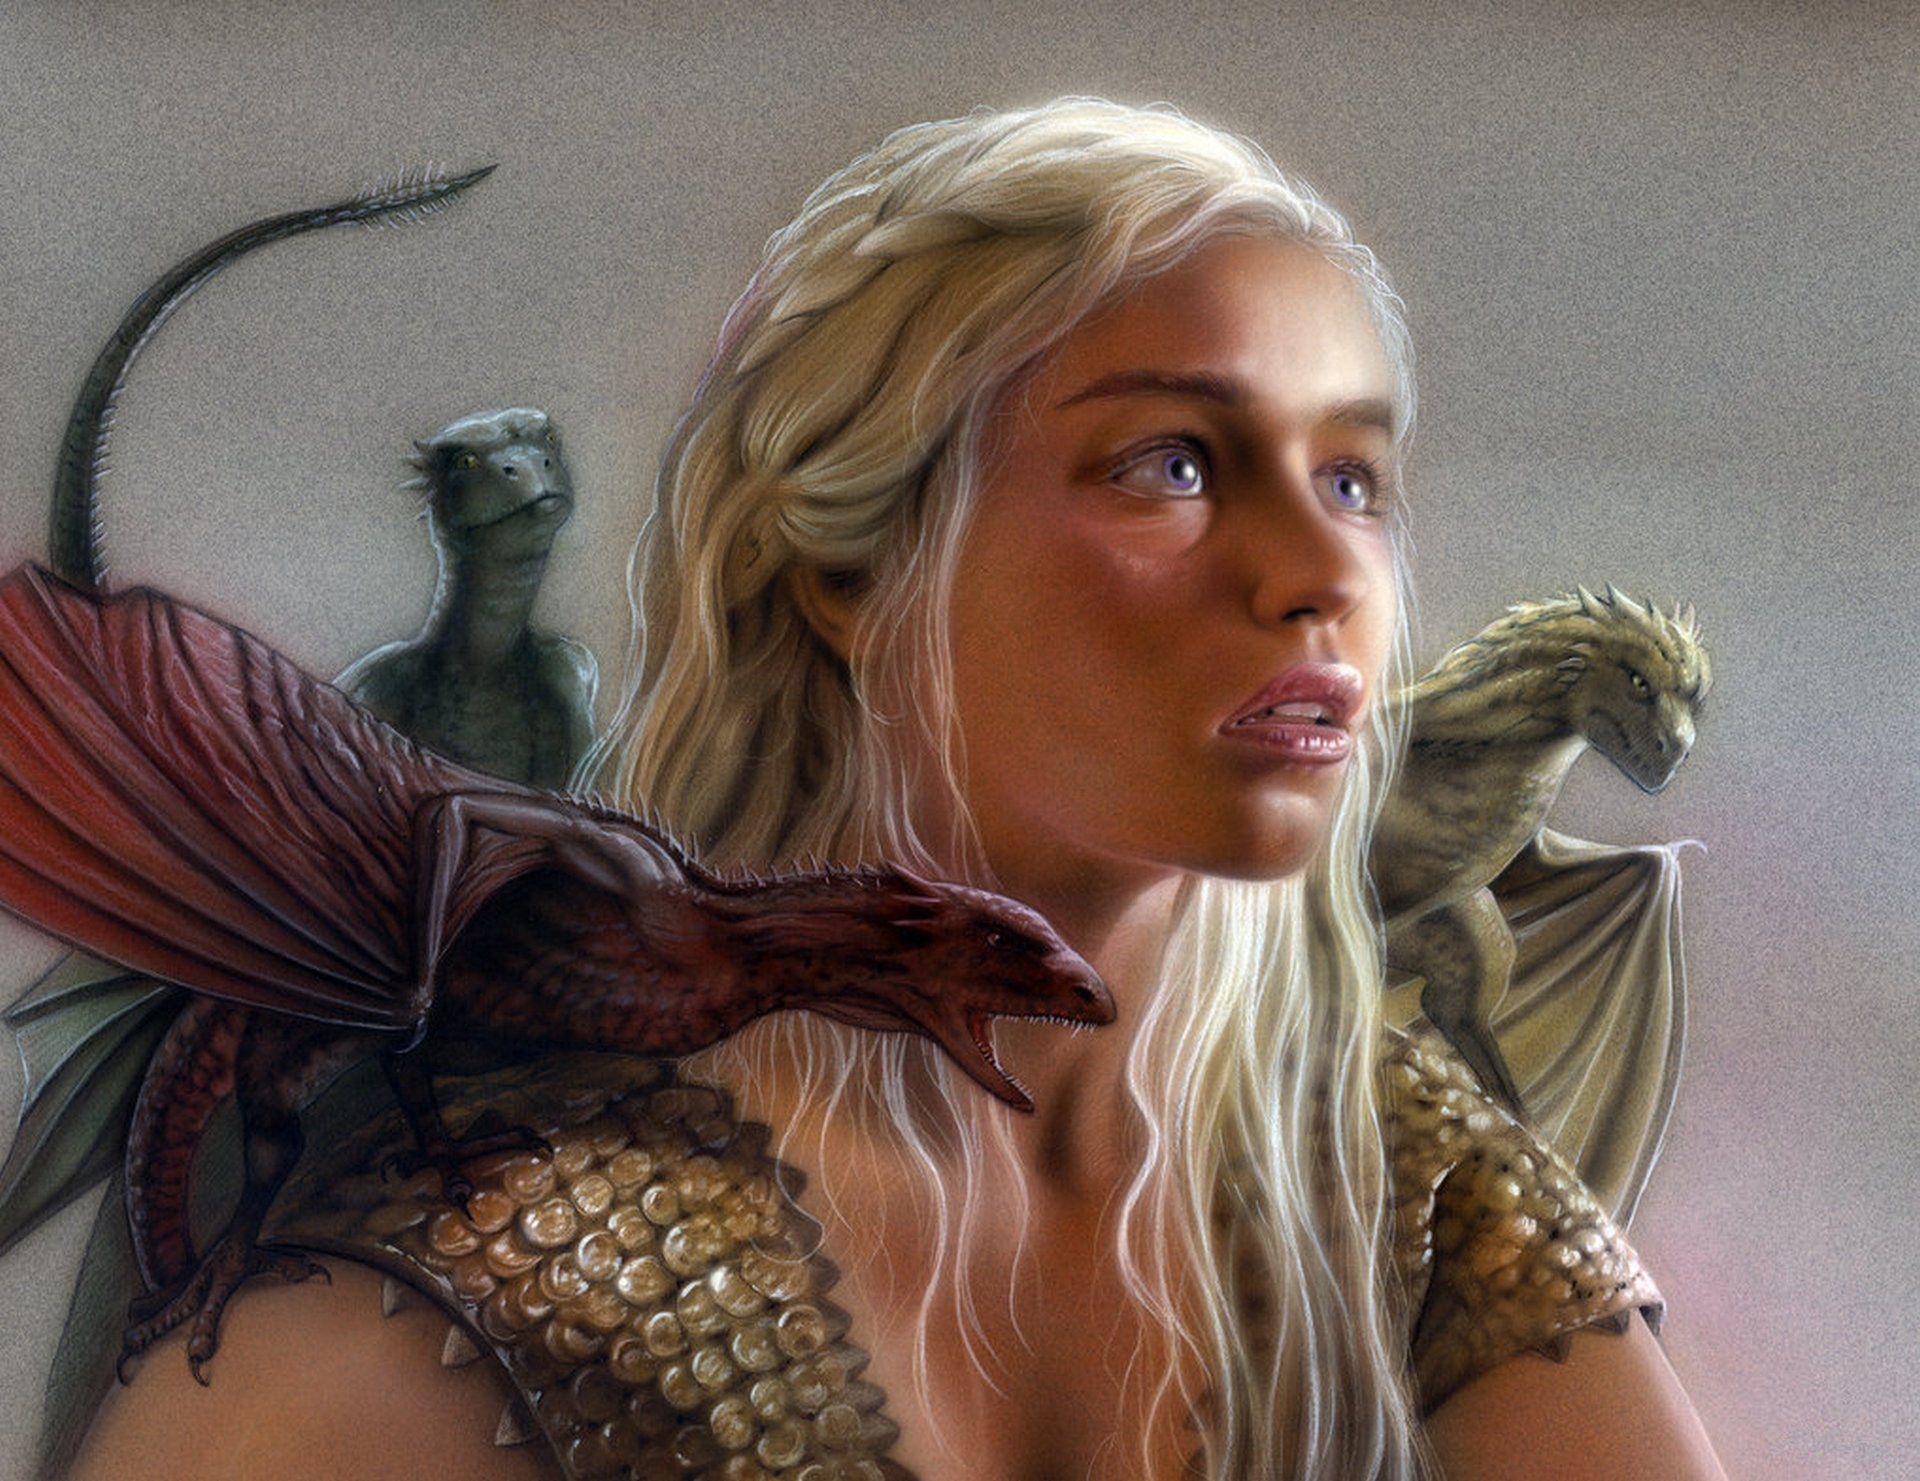 Daenerys targaryen and khal drogo wallpaper daenerys targaryen wedding - Find This Pin And More On Daenerys Reference